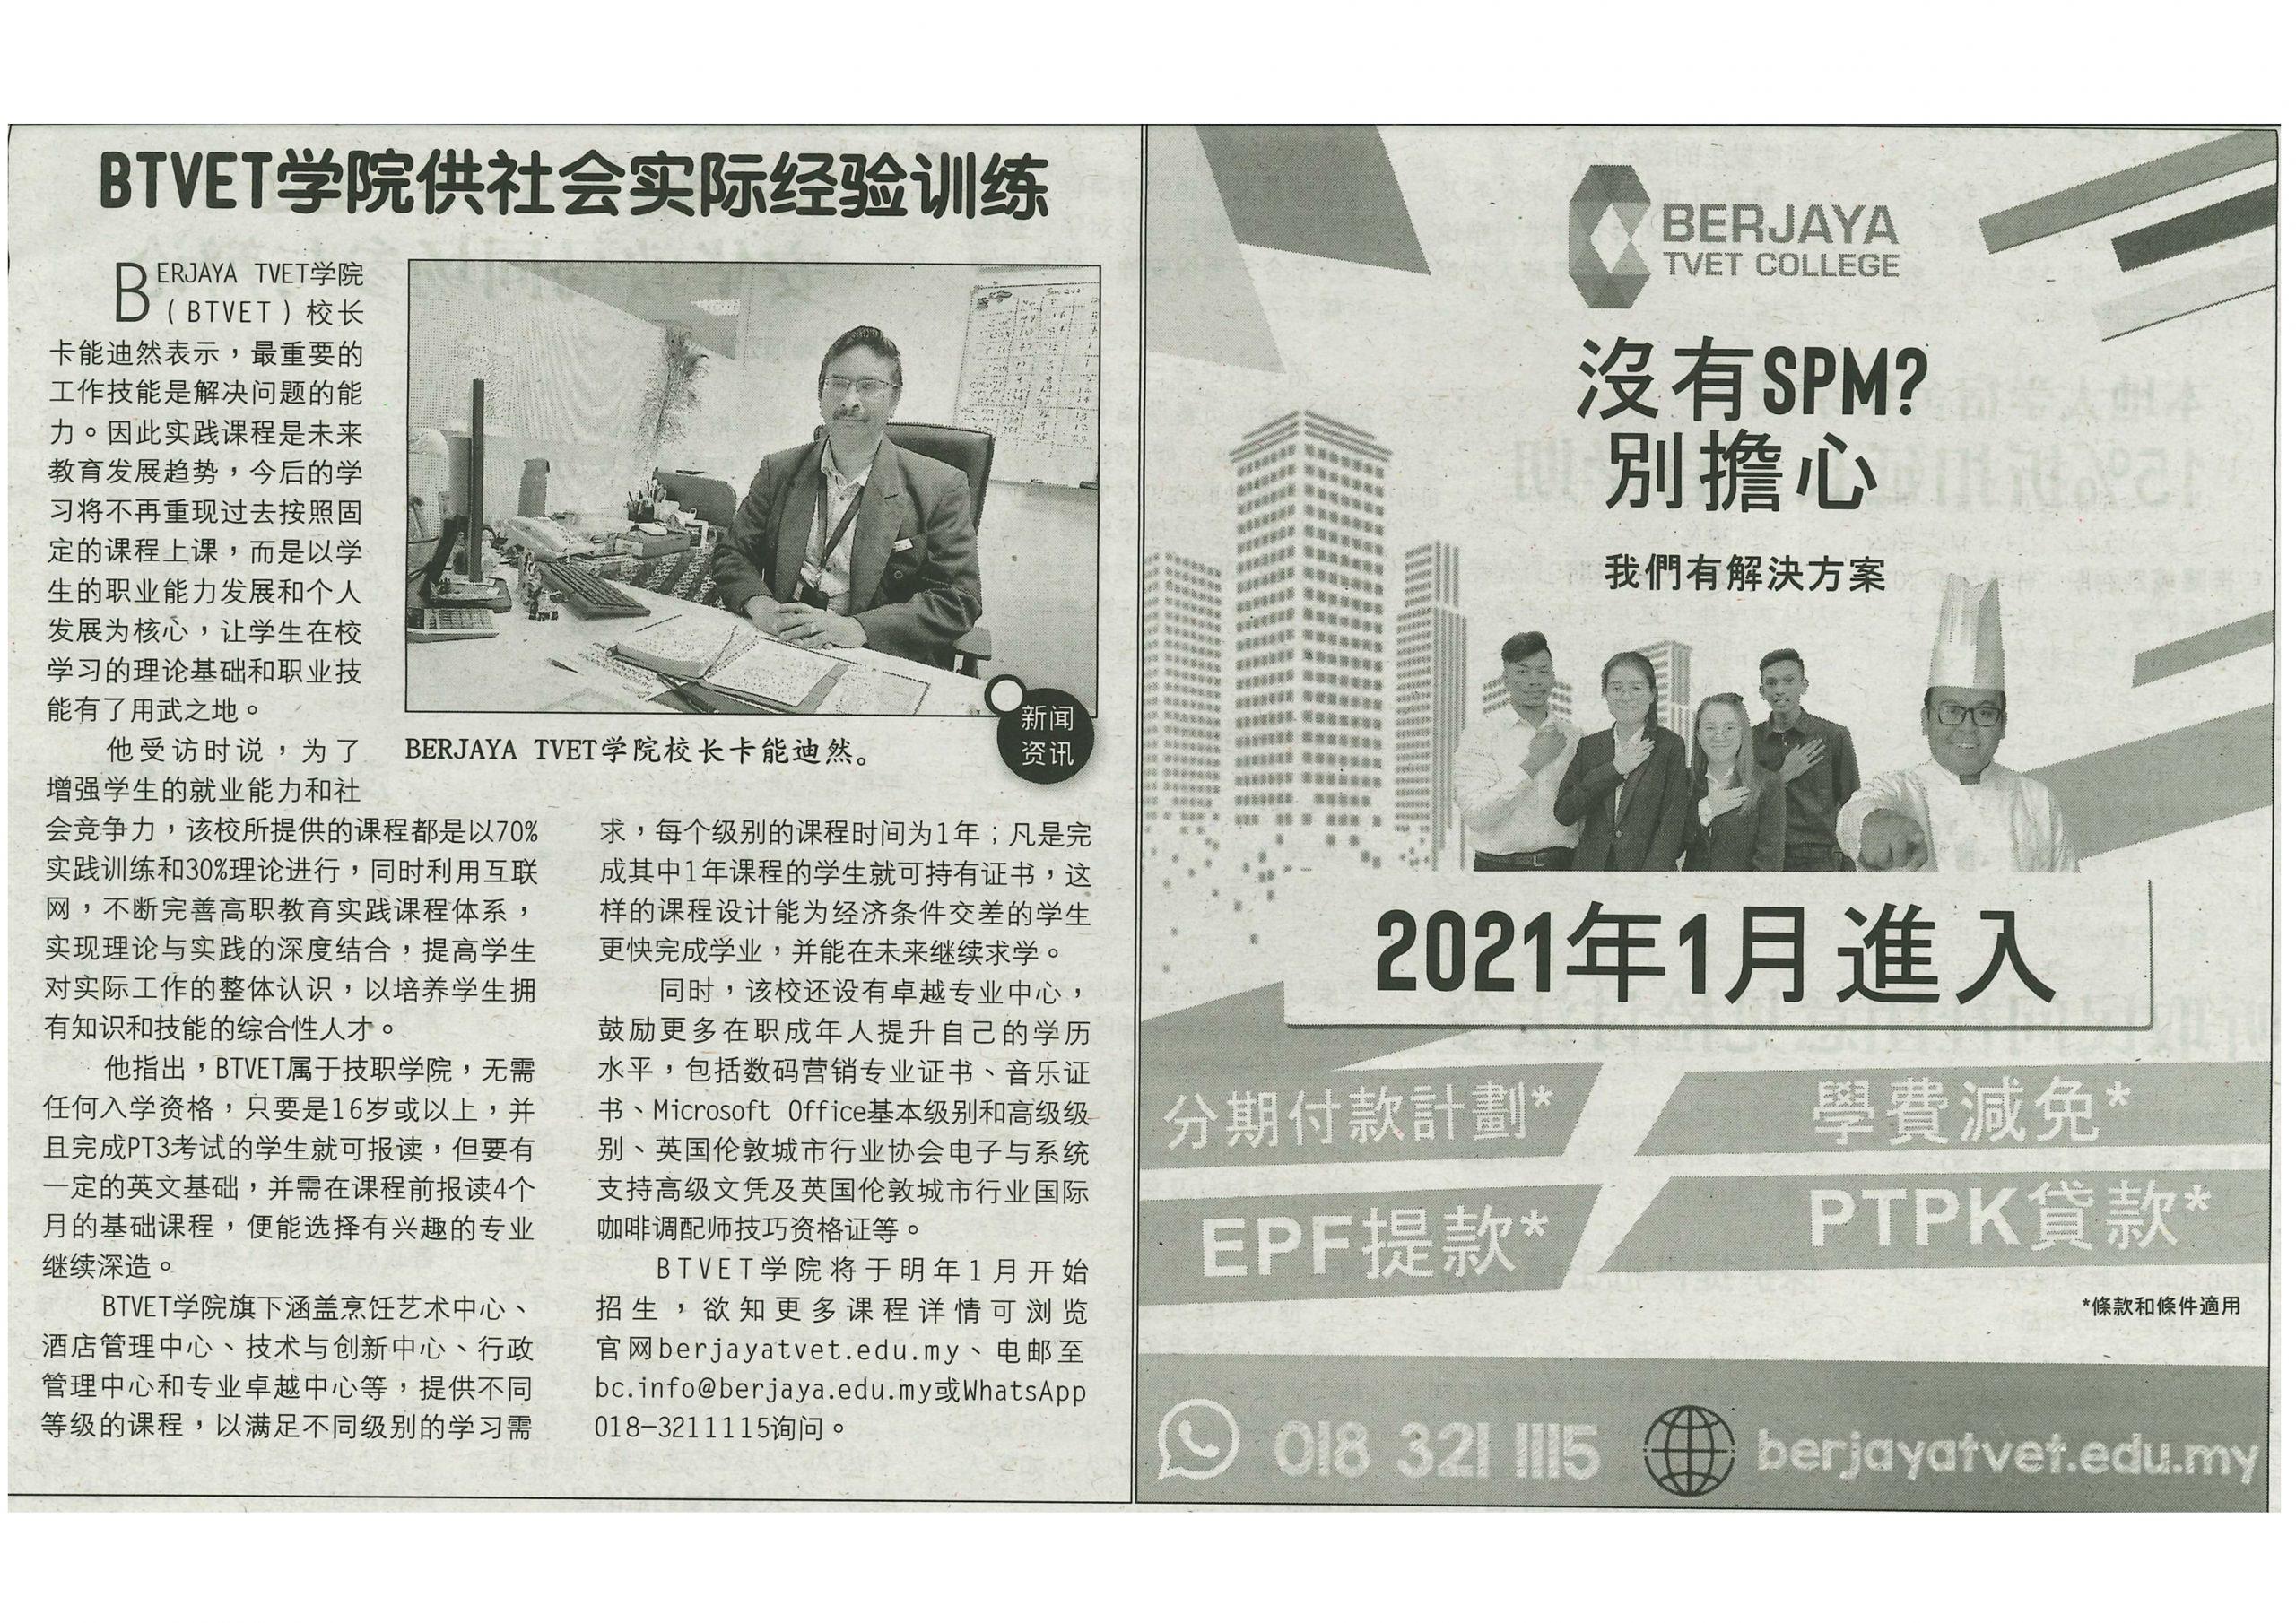 news chinese mr k